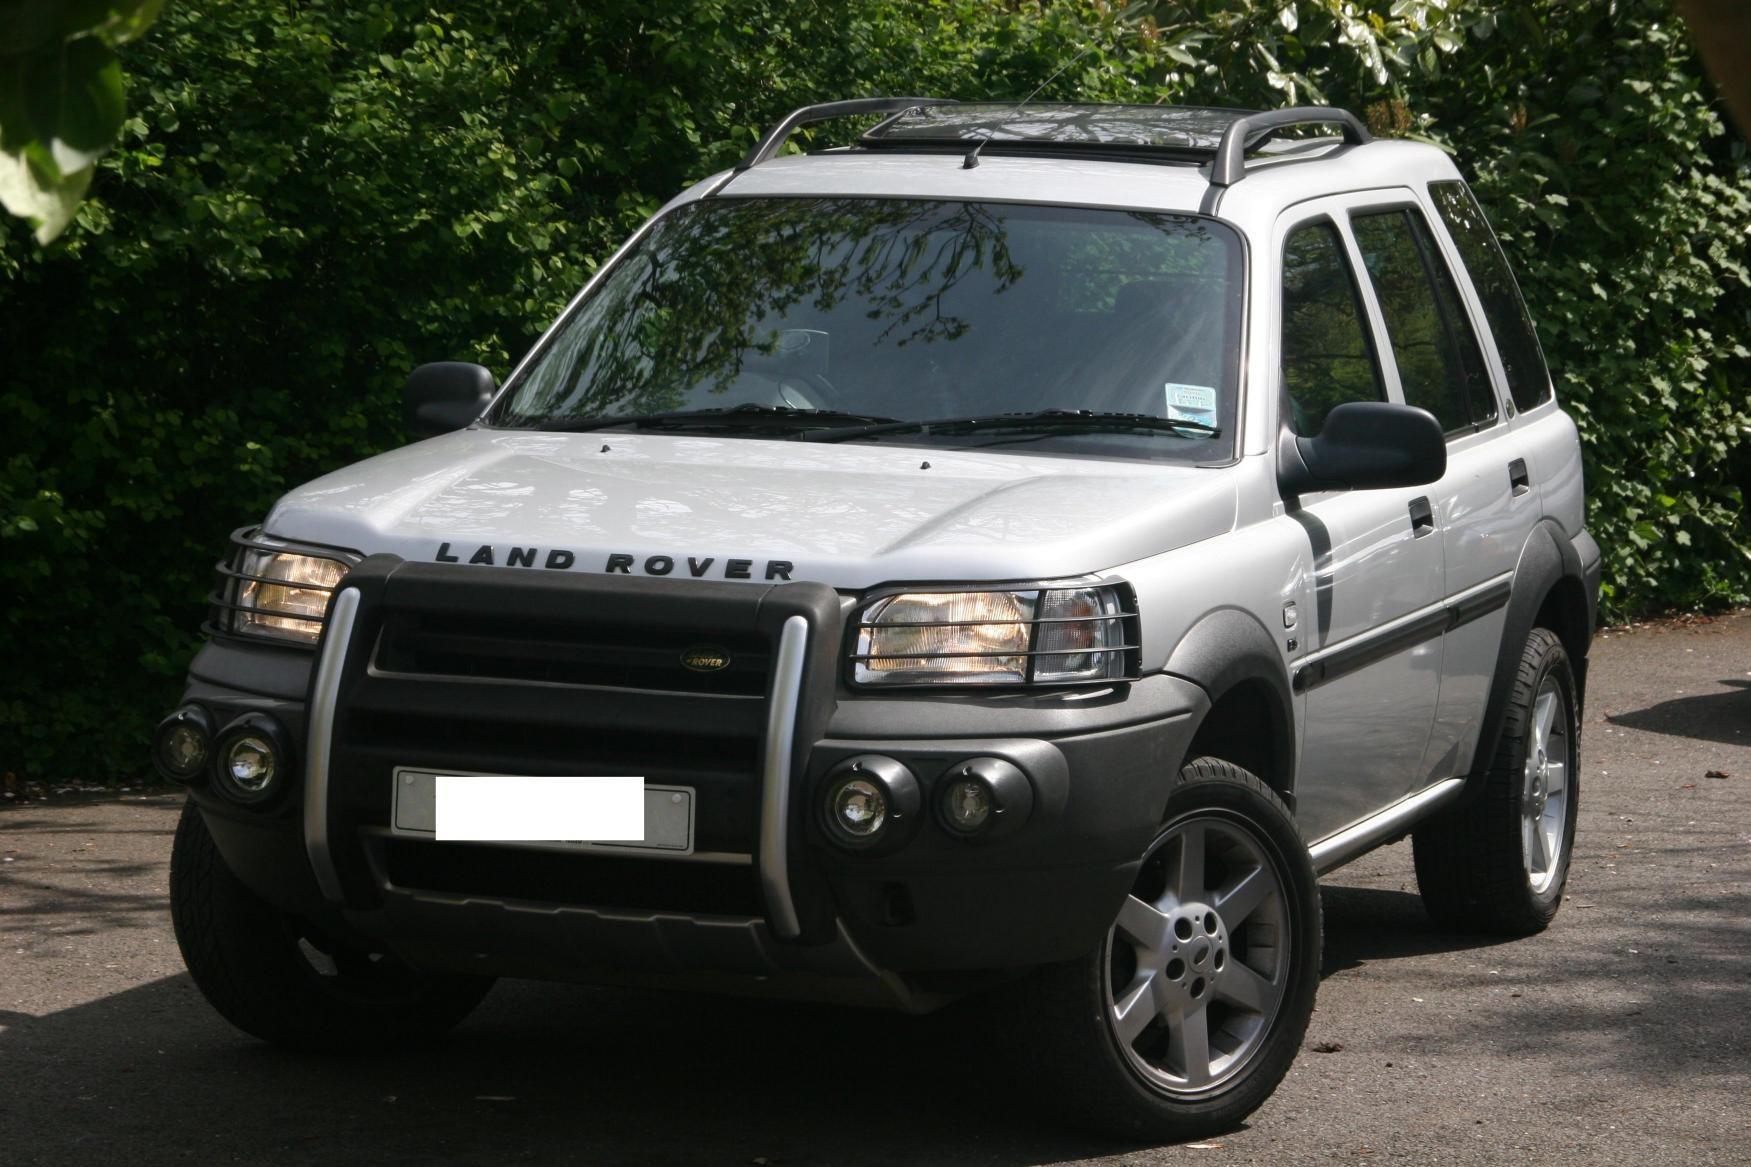 Wiring Help Range Rover Forum Lr4x4 The Land Rover Forum